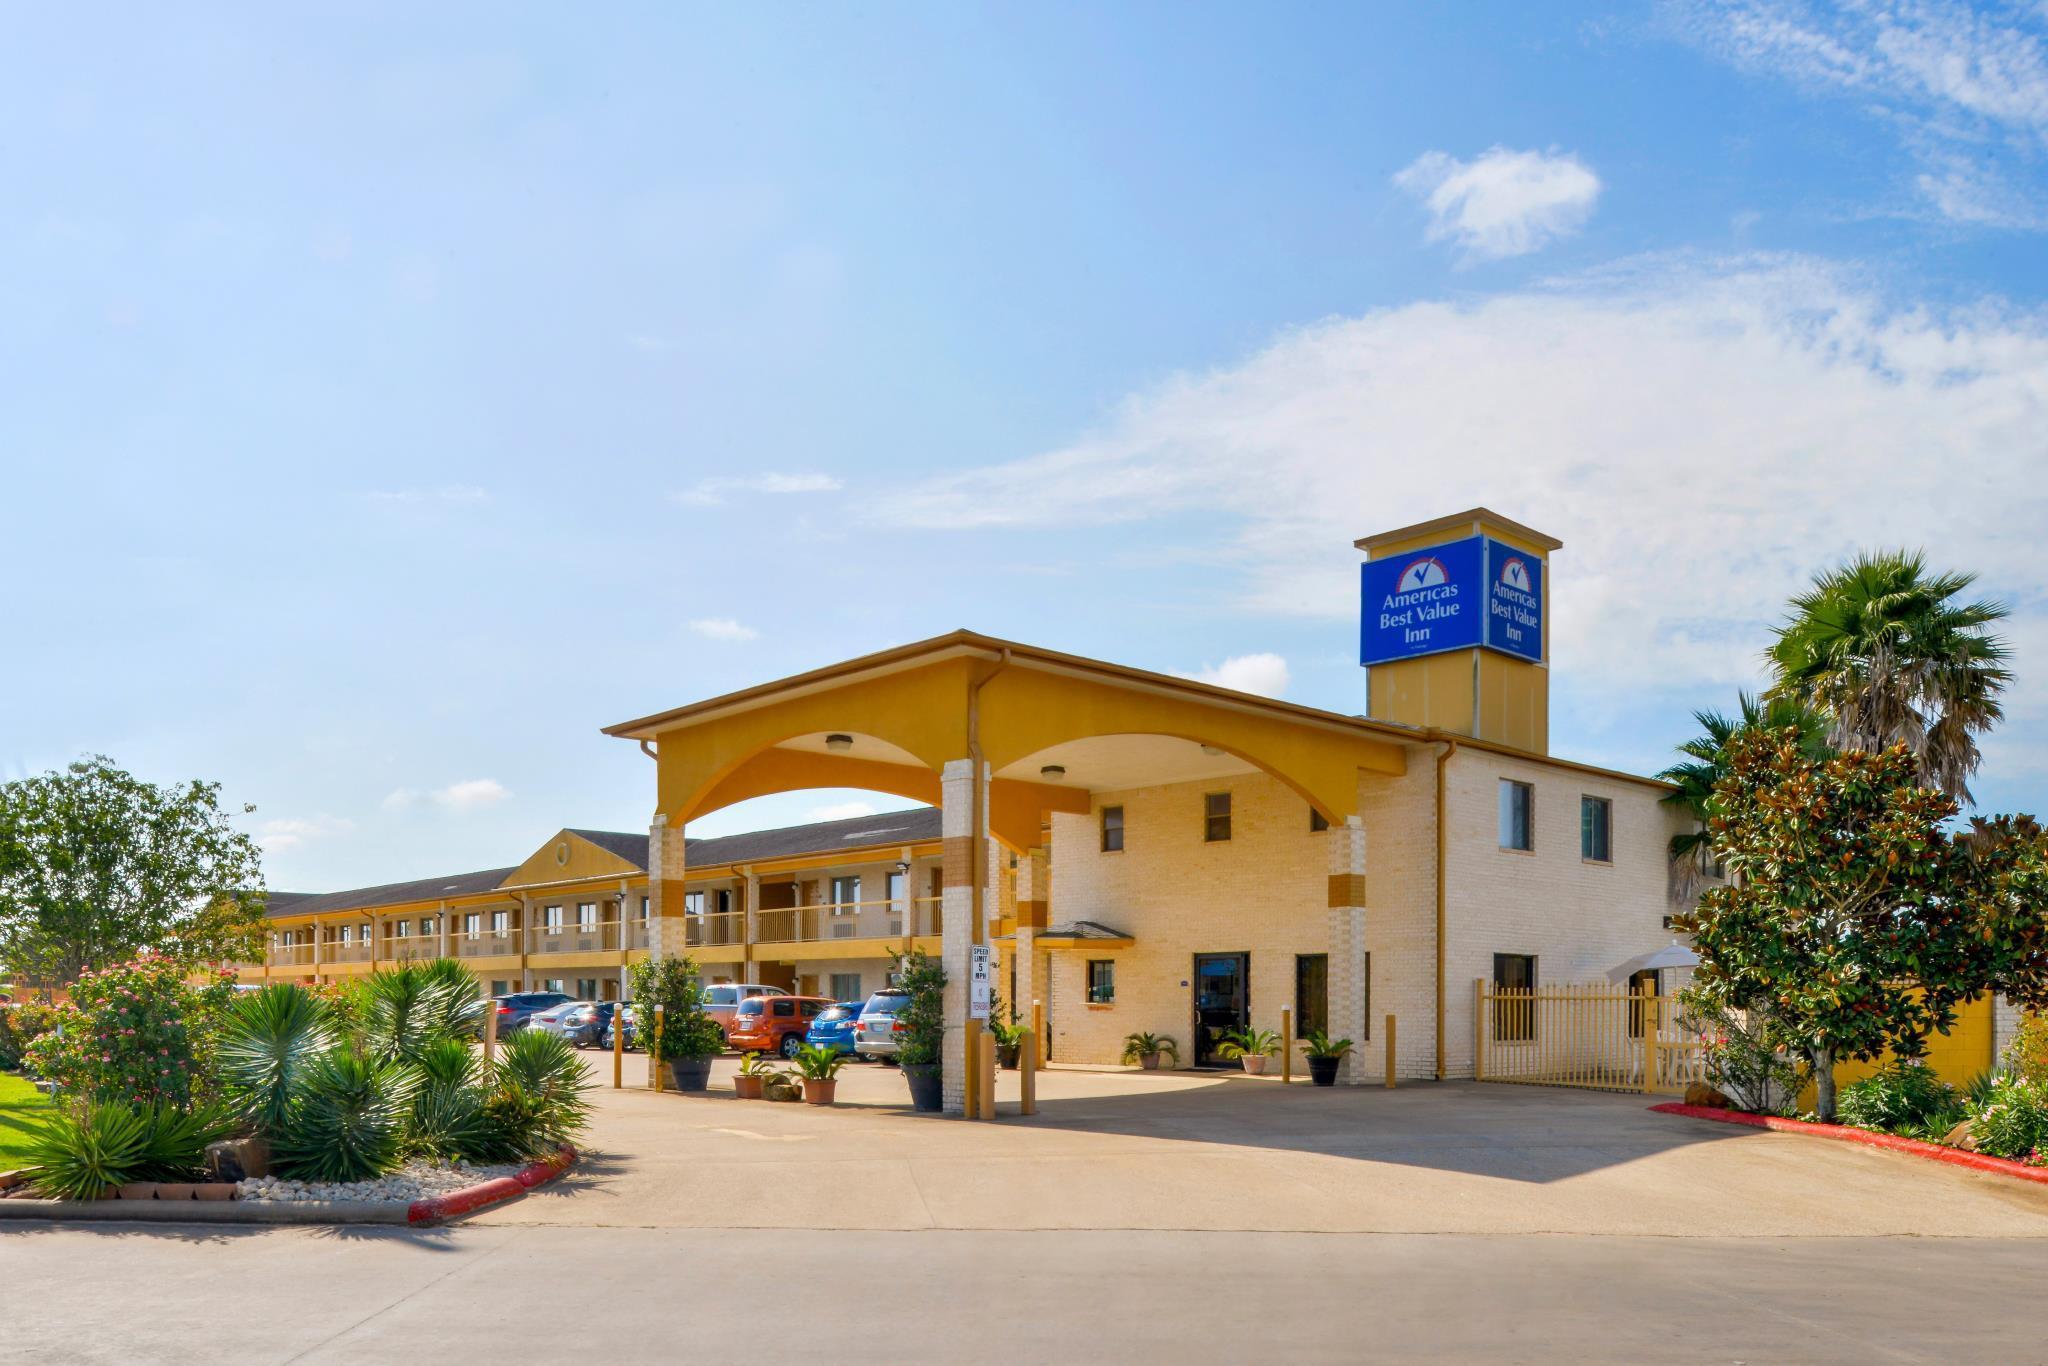 Americas Best Value Inn And Suites Waller Prairie View